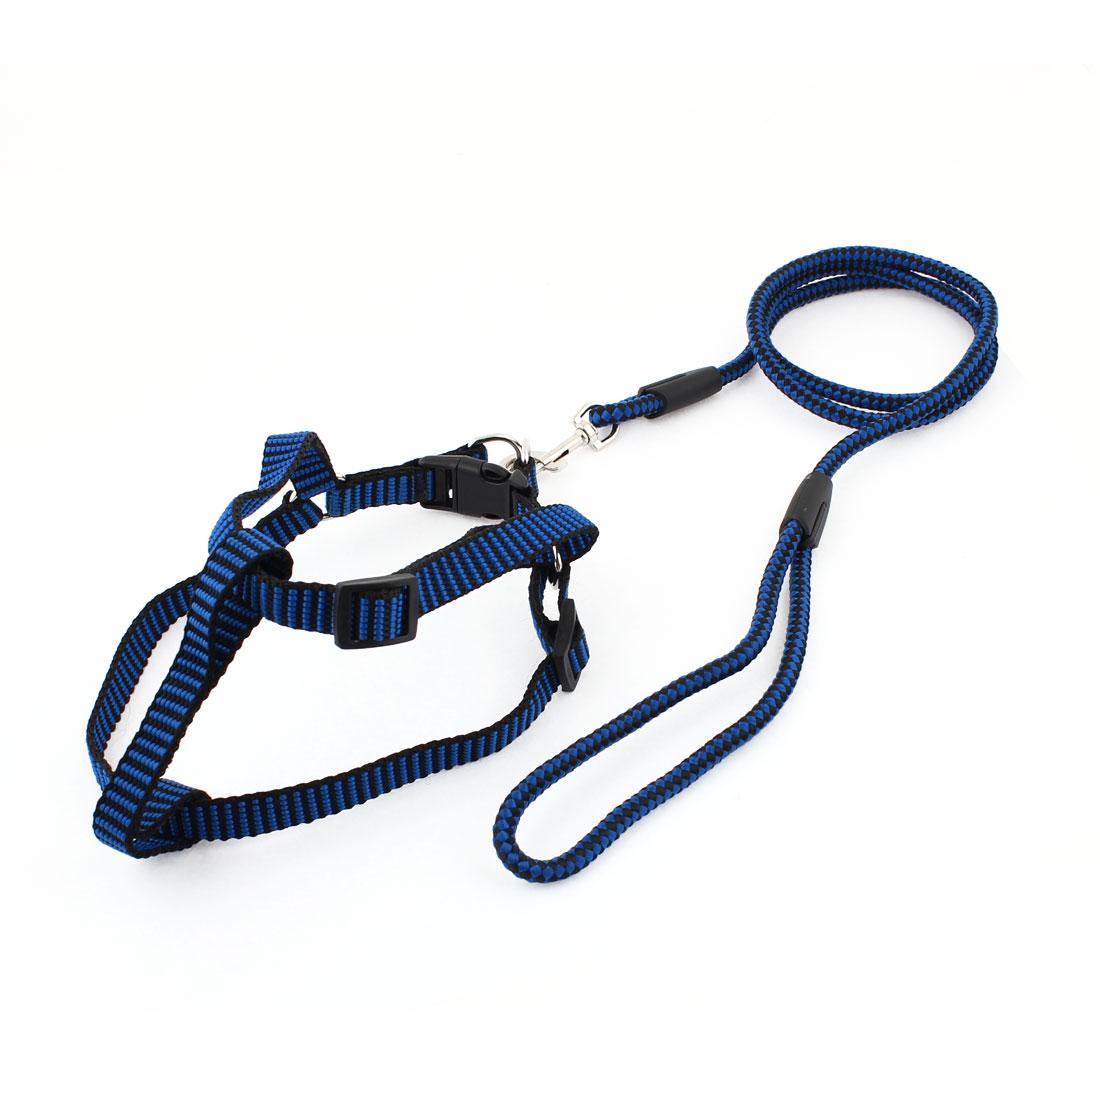 0.6cm Wide Blue Black Check Pattern Pet Dog Harness Halter Leash